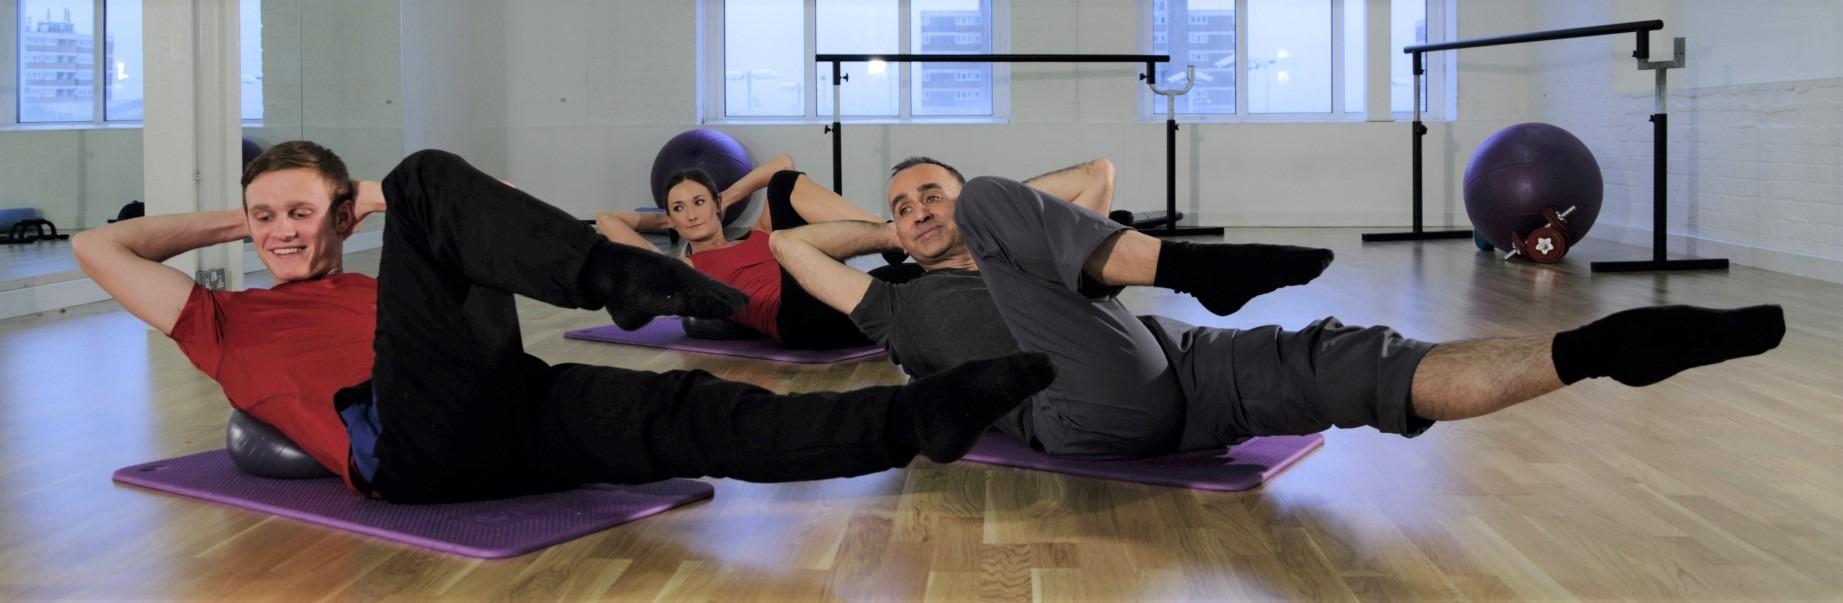 Pilates with Paul McLinden